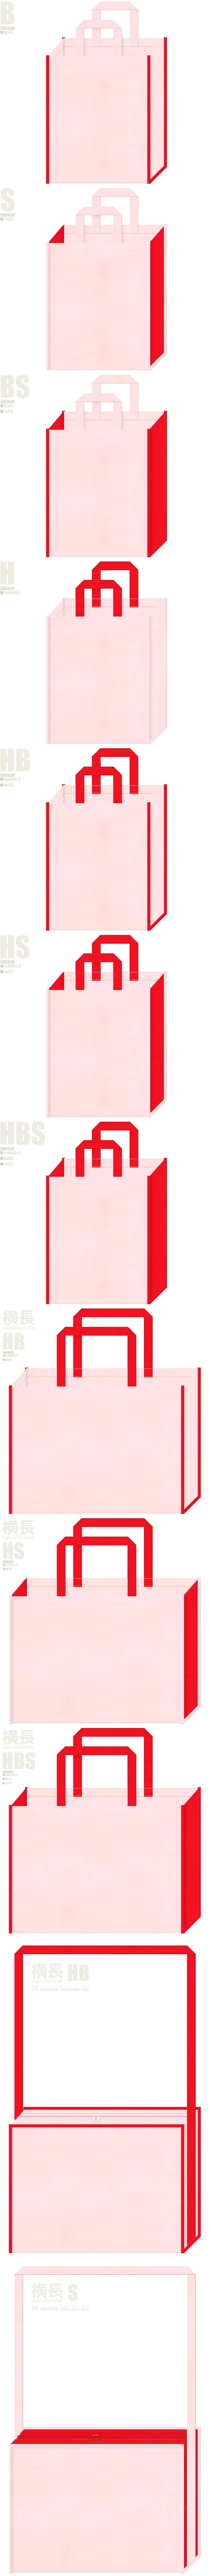 いちご・ハート・母の日・ひな祭り・ケーキのイメージにお奨めの不織布バッグデザイン:桜色と赤色の配色7パターン。